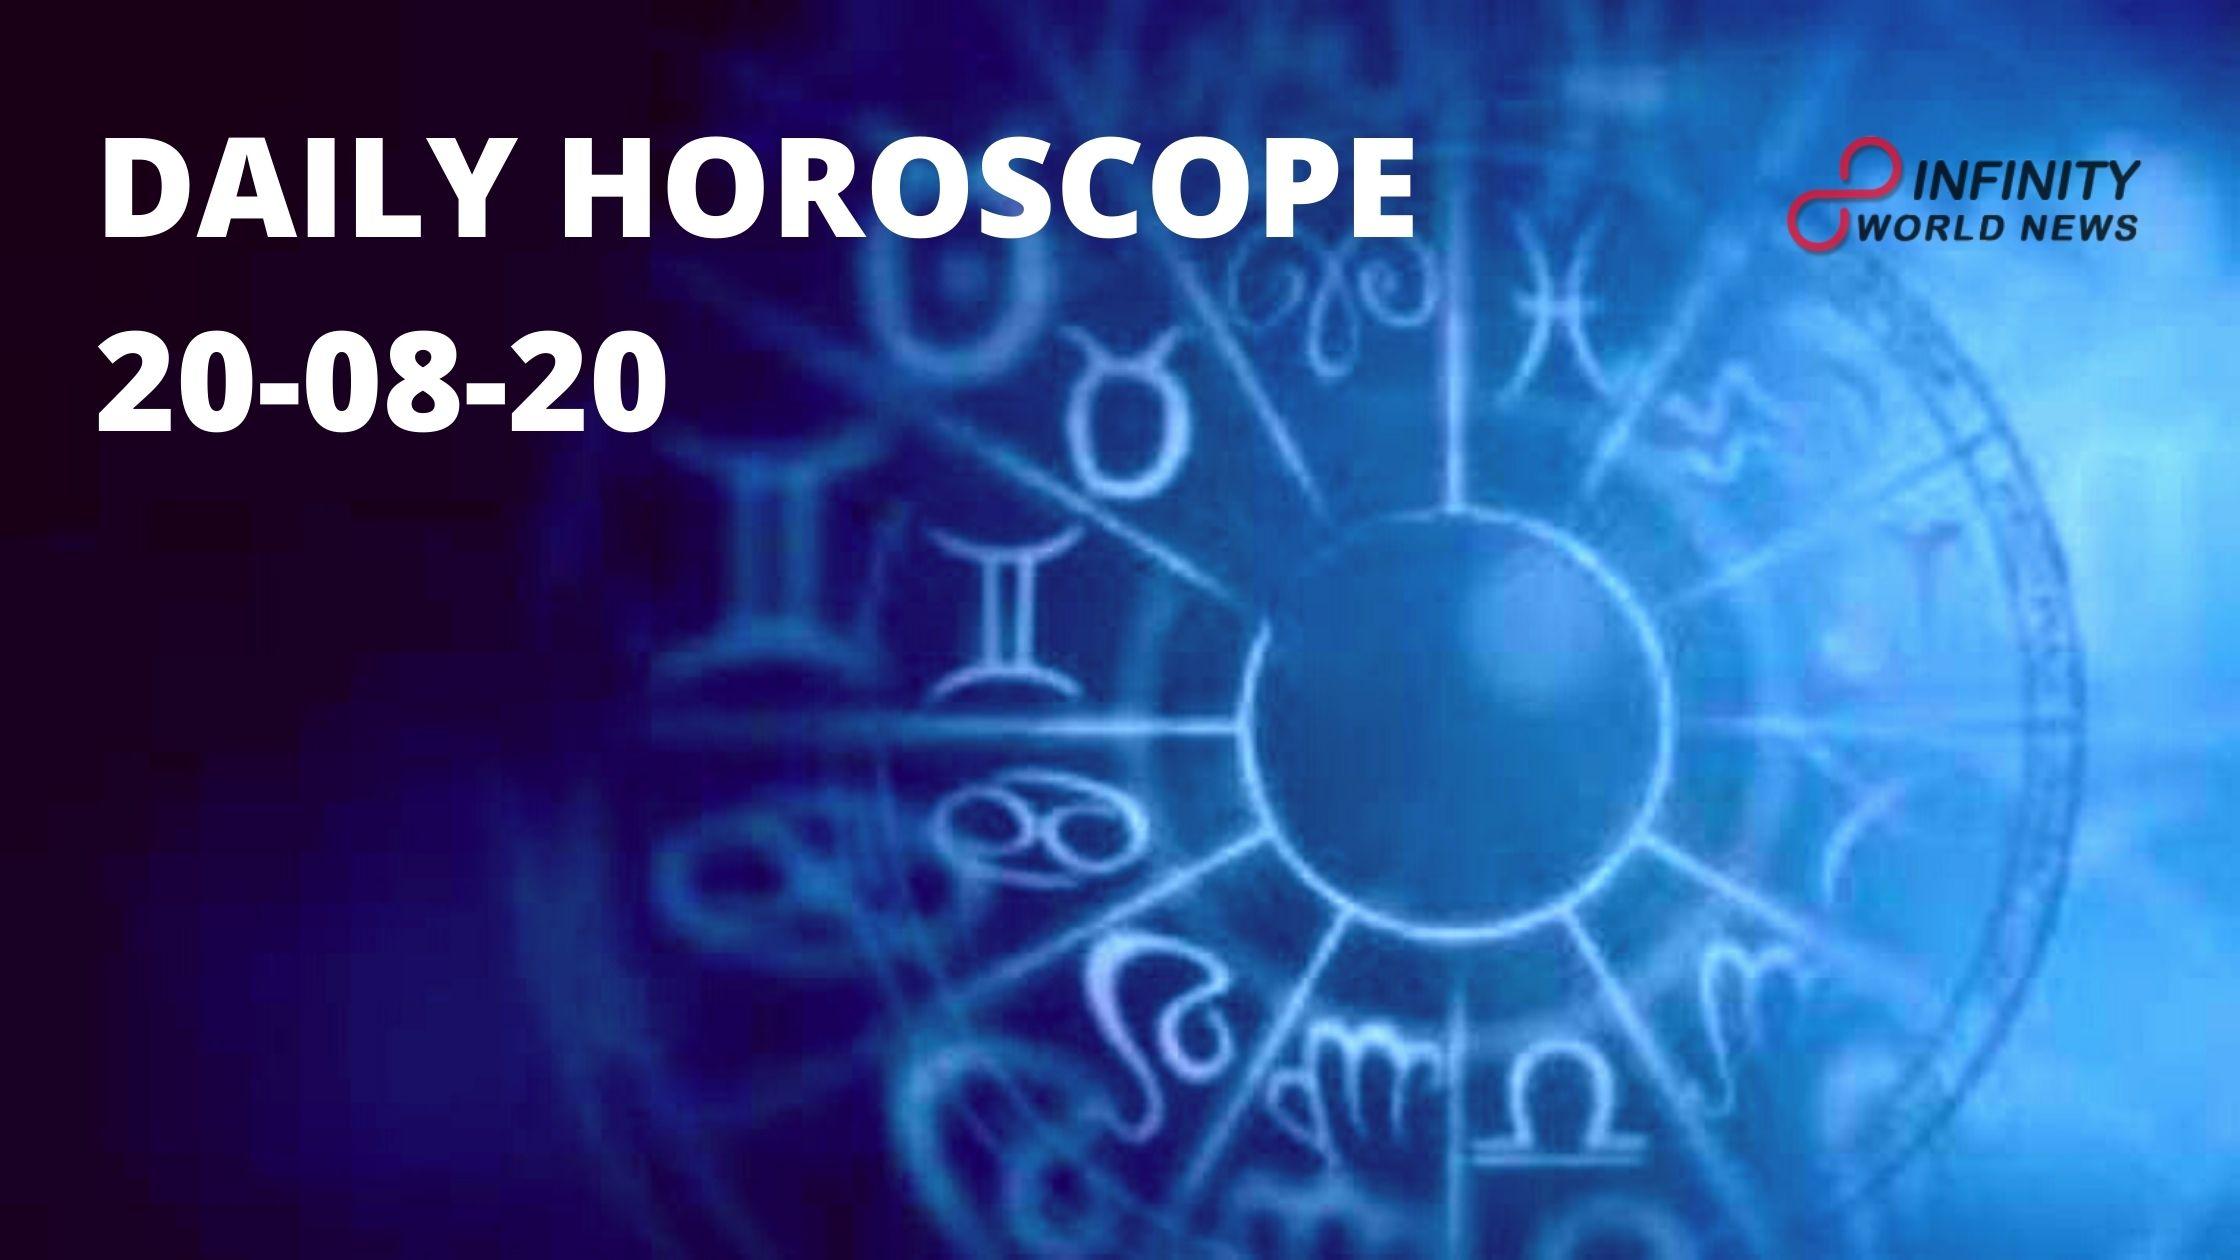 Daily Horoscope 20-08-20 _ Today Horoscope